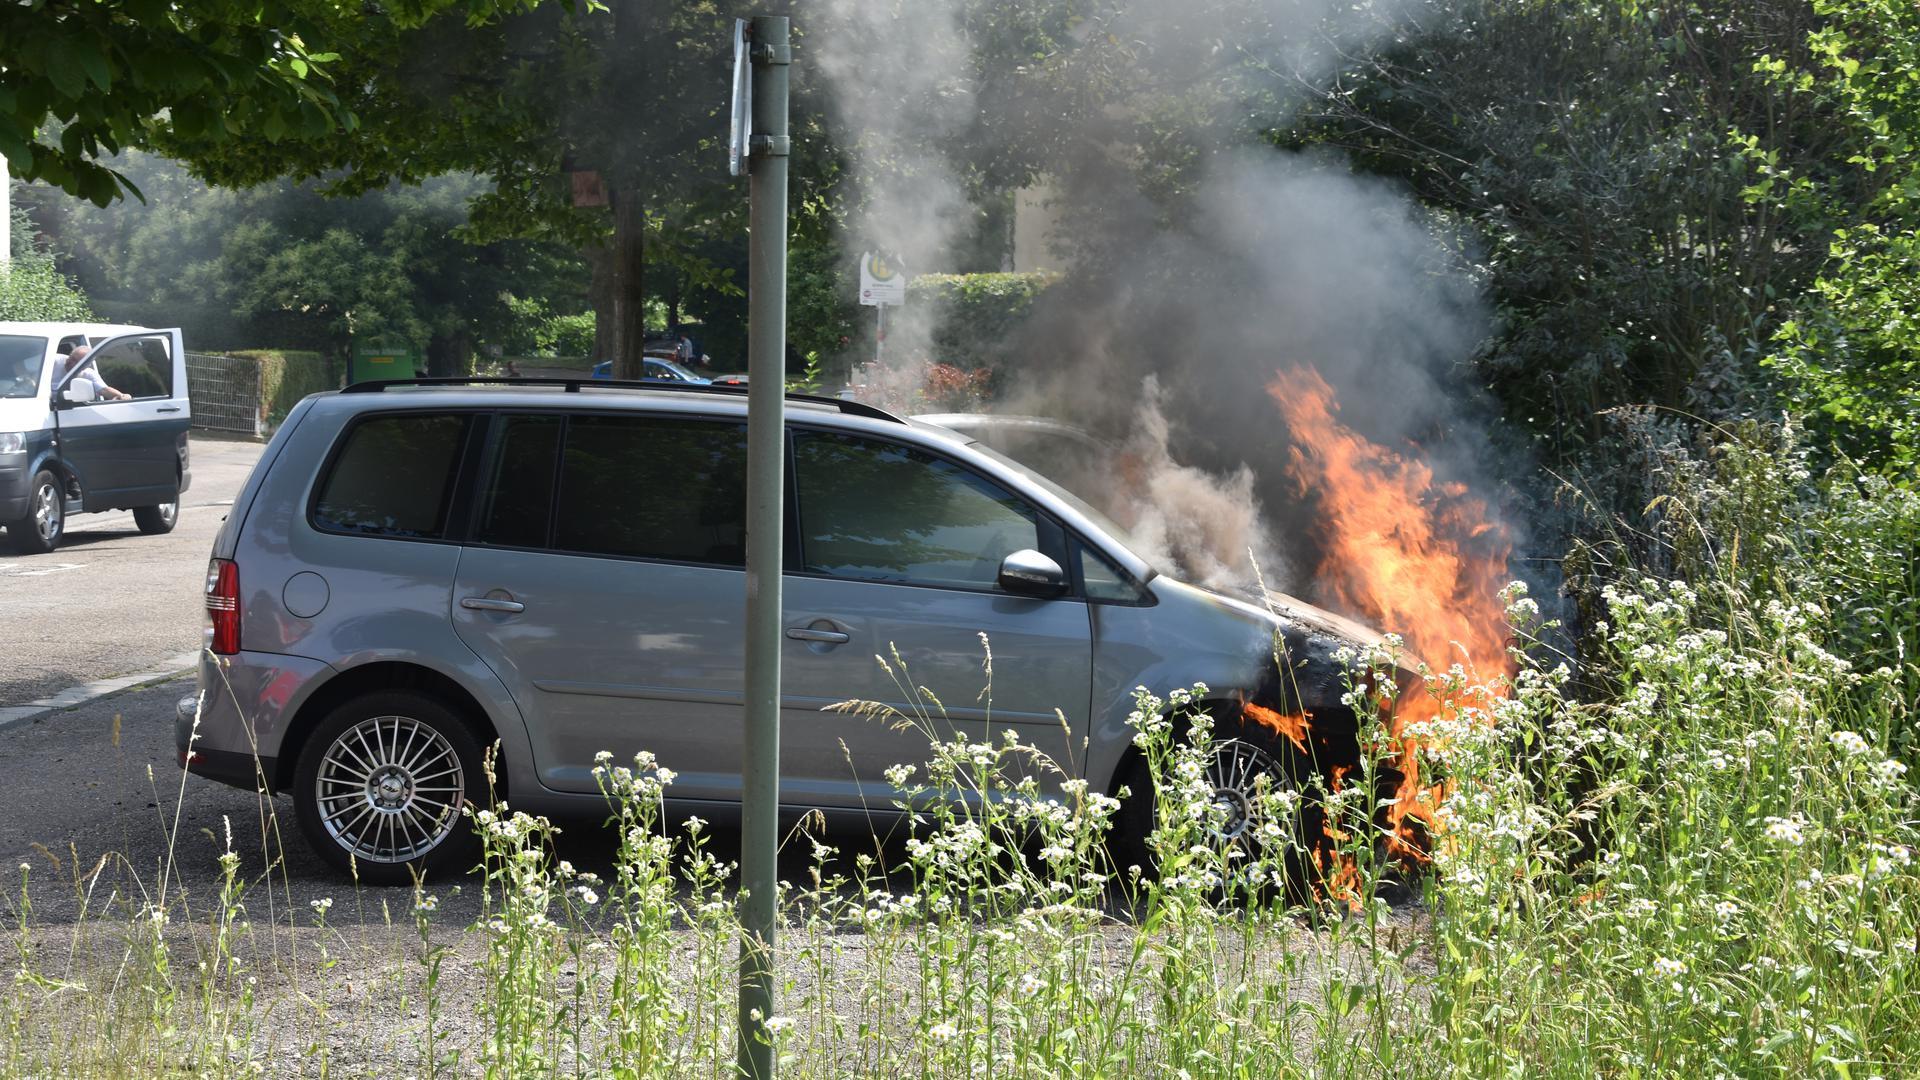 Der Motorraum eines VW steht in Flammen.